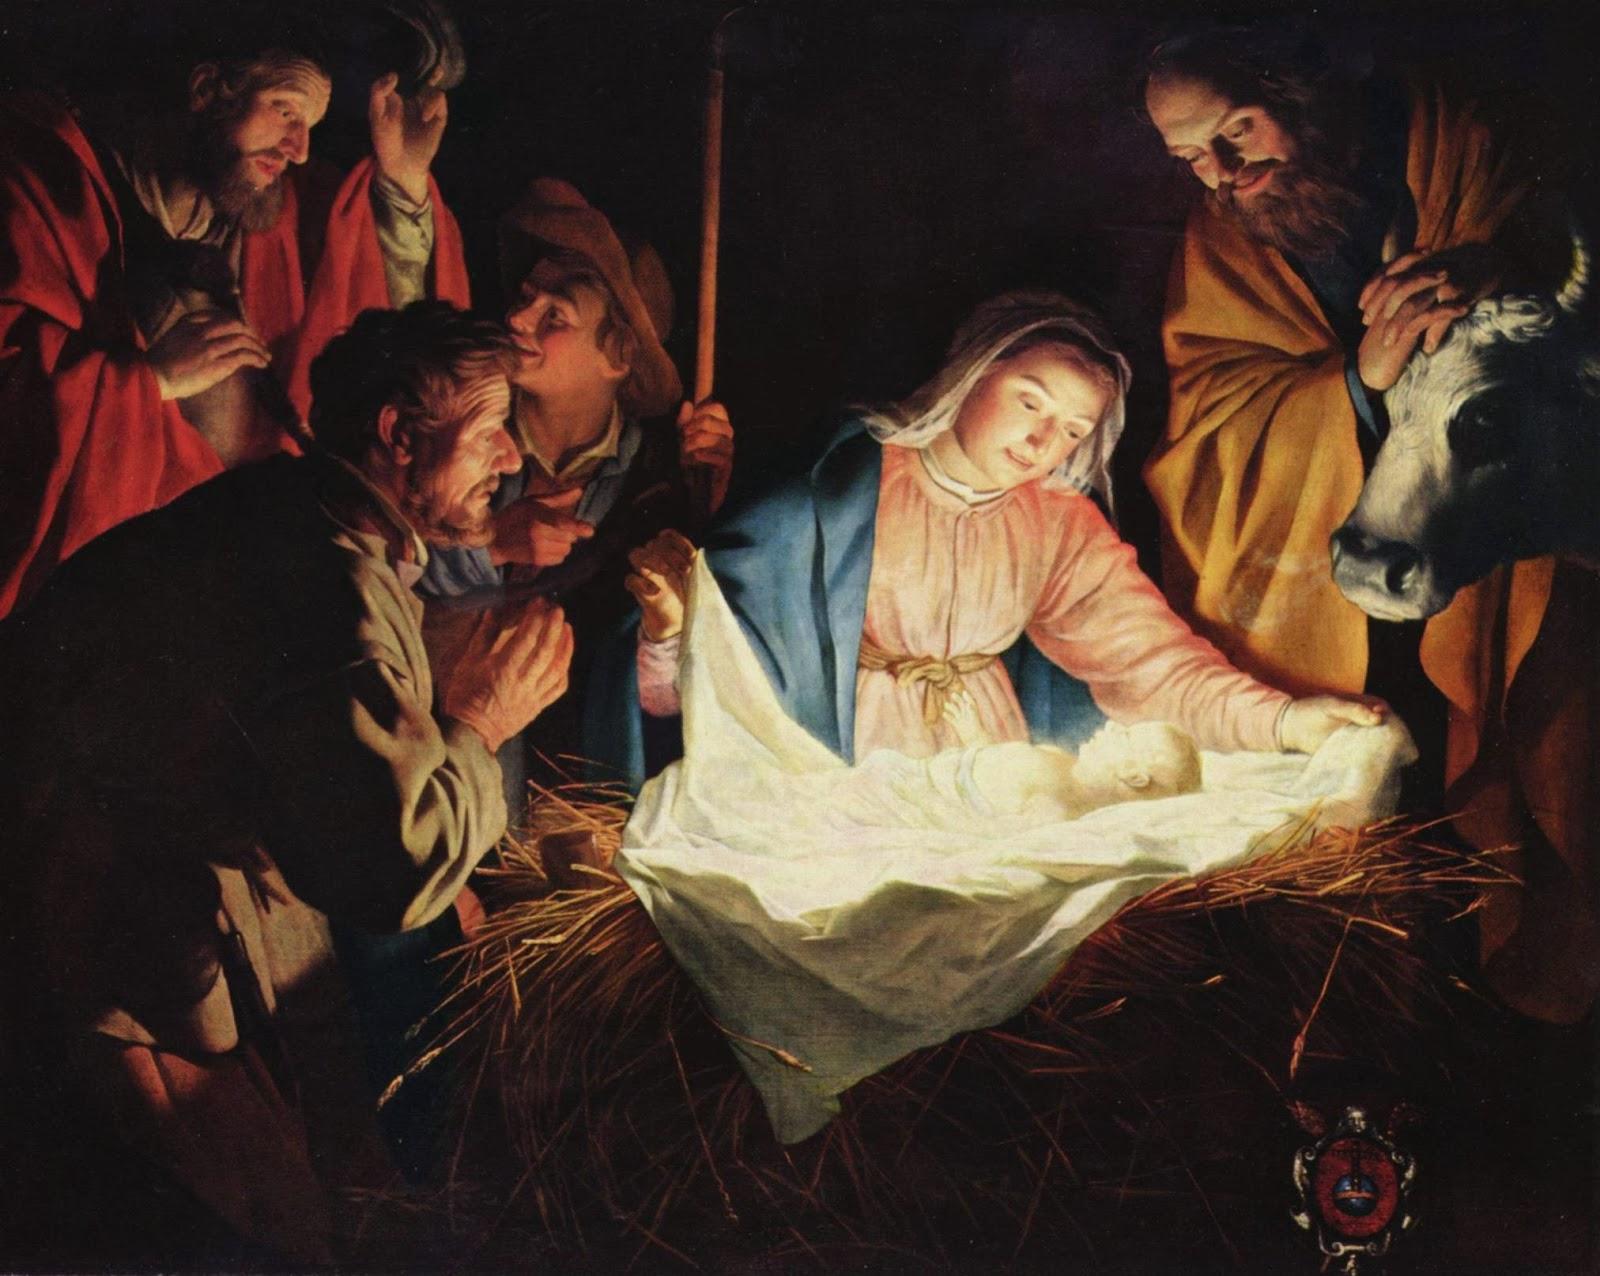 JESUS-NAZARETH